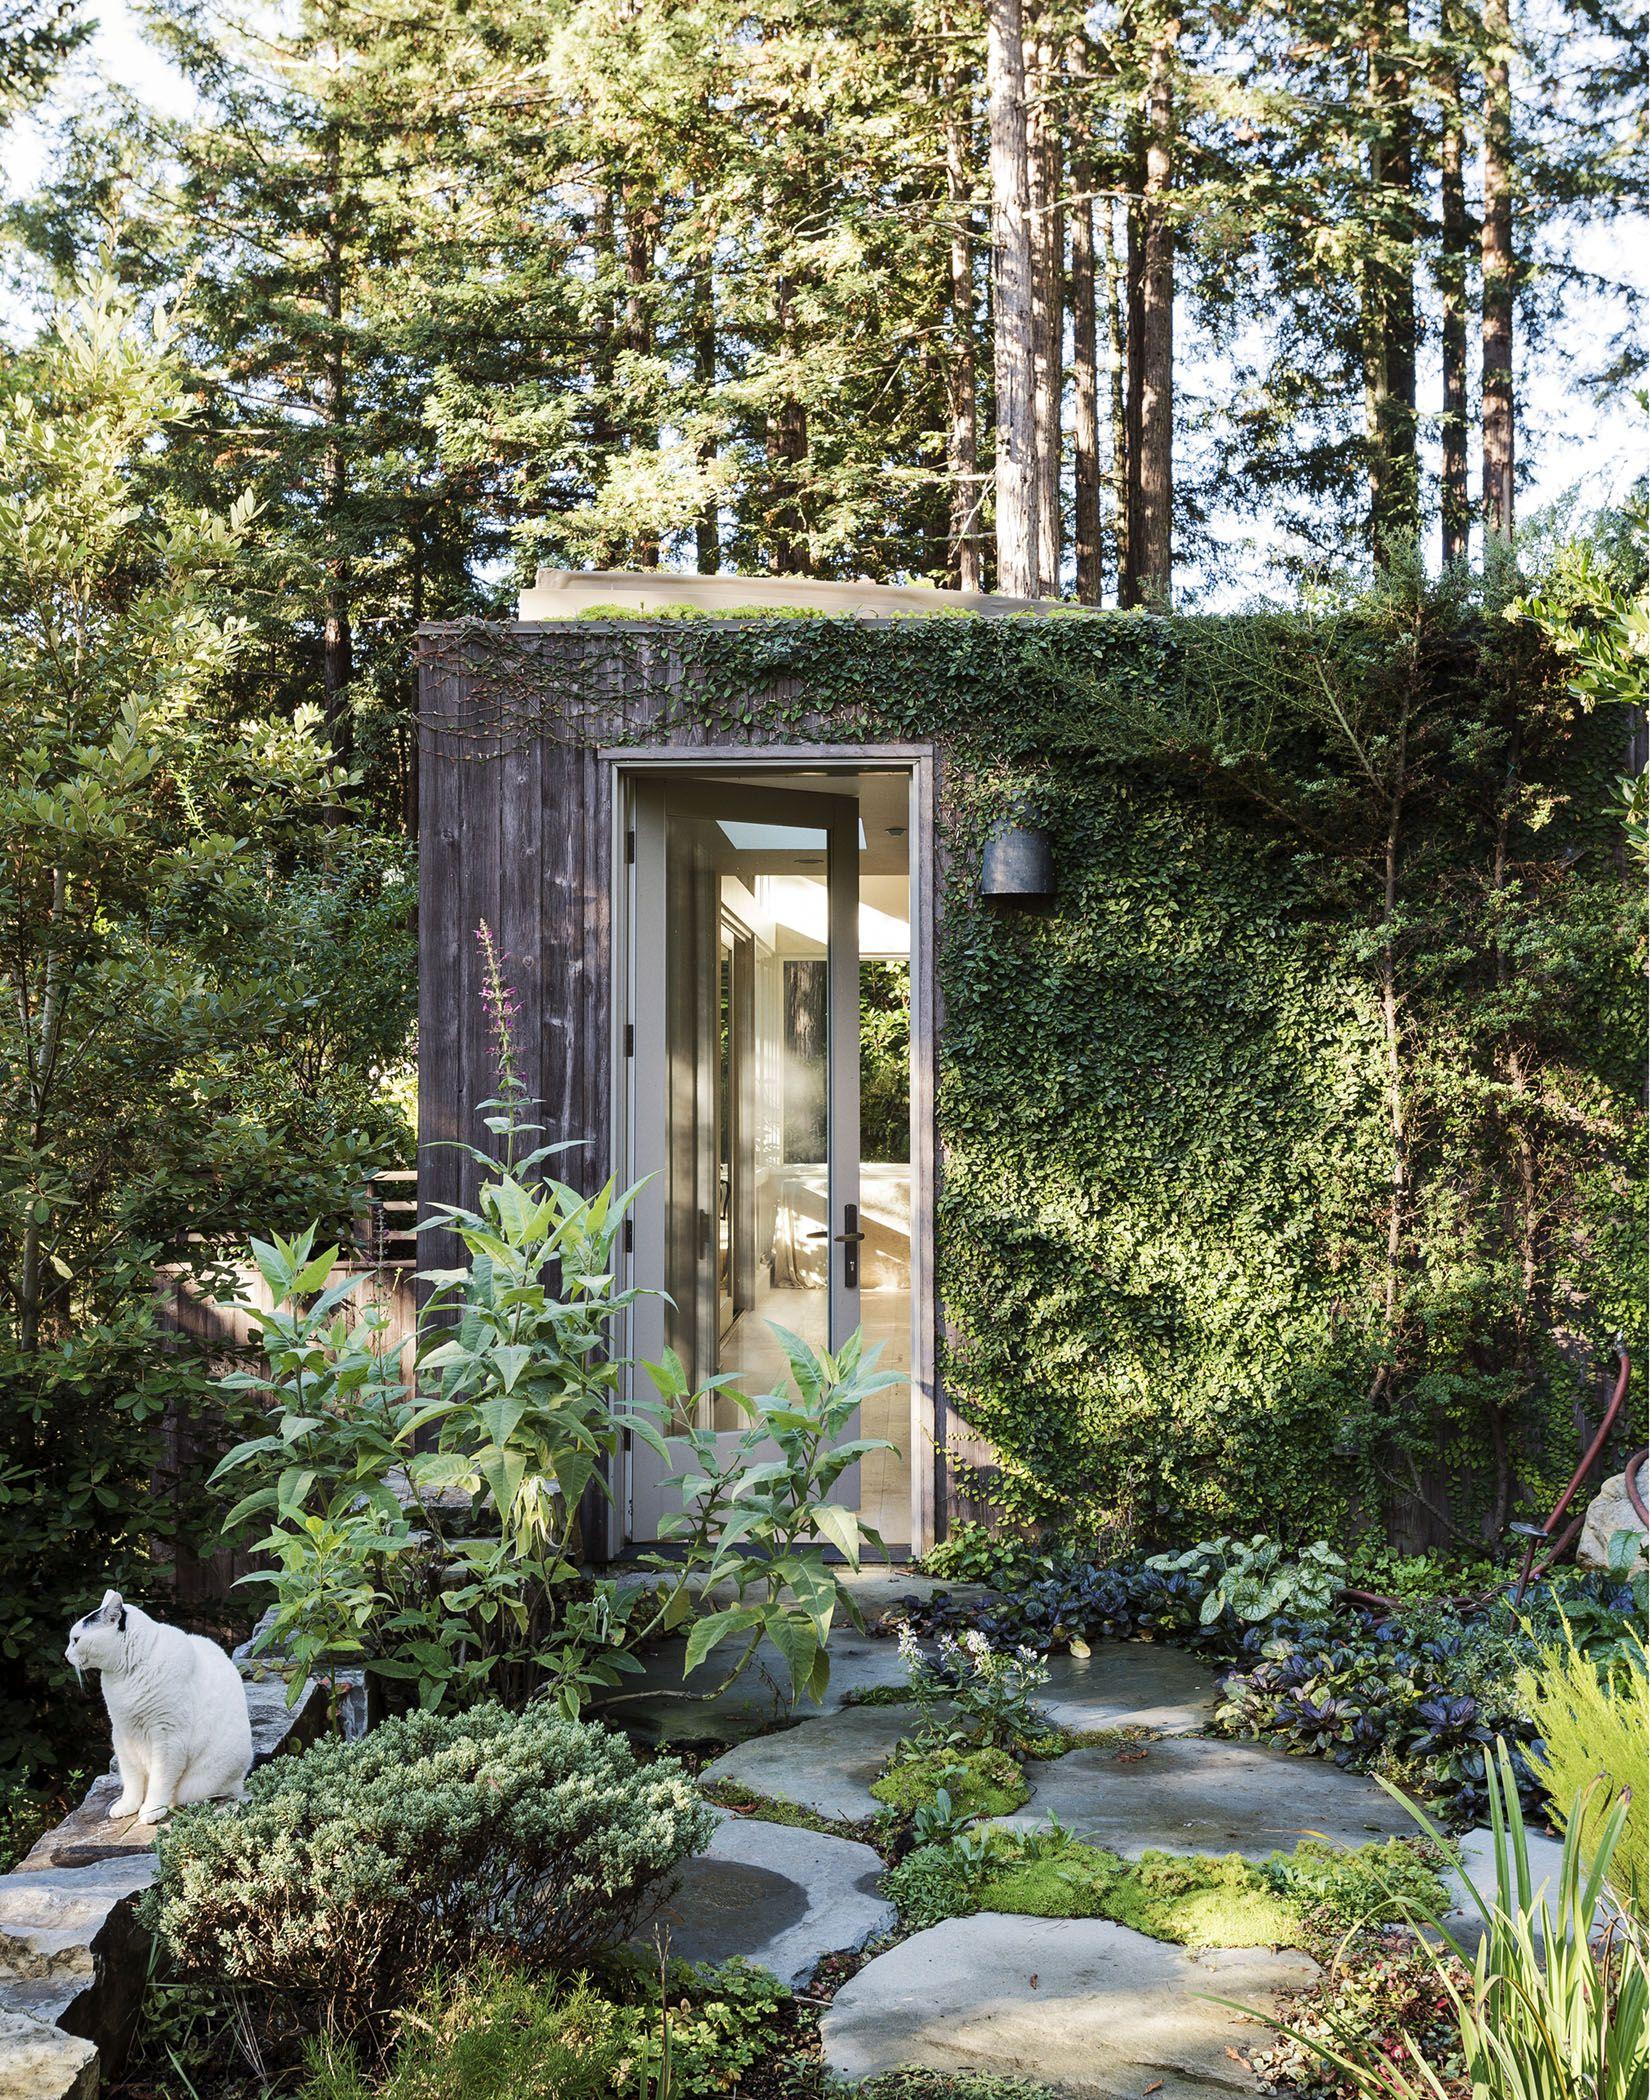 Fig Garden Yoga : garden, Creeping-fig-yoga-studio-matthew-williams-dsc-0208, Outdoor, Gardens,, Garden, Vines,, Creeping